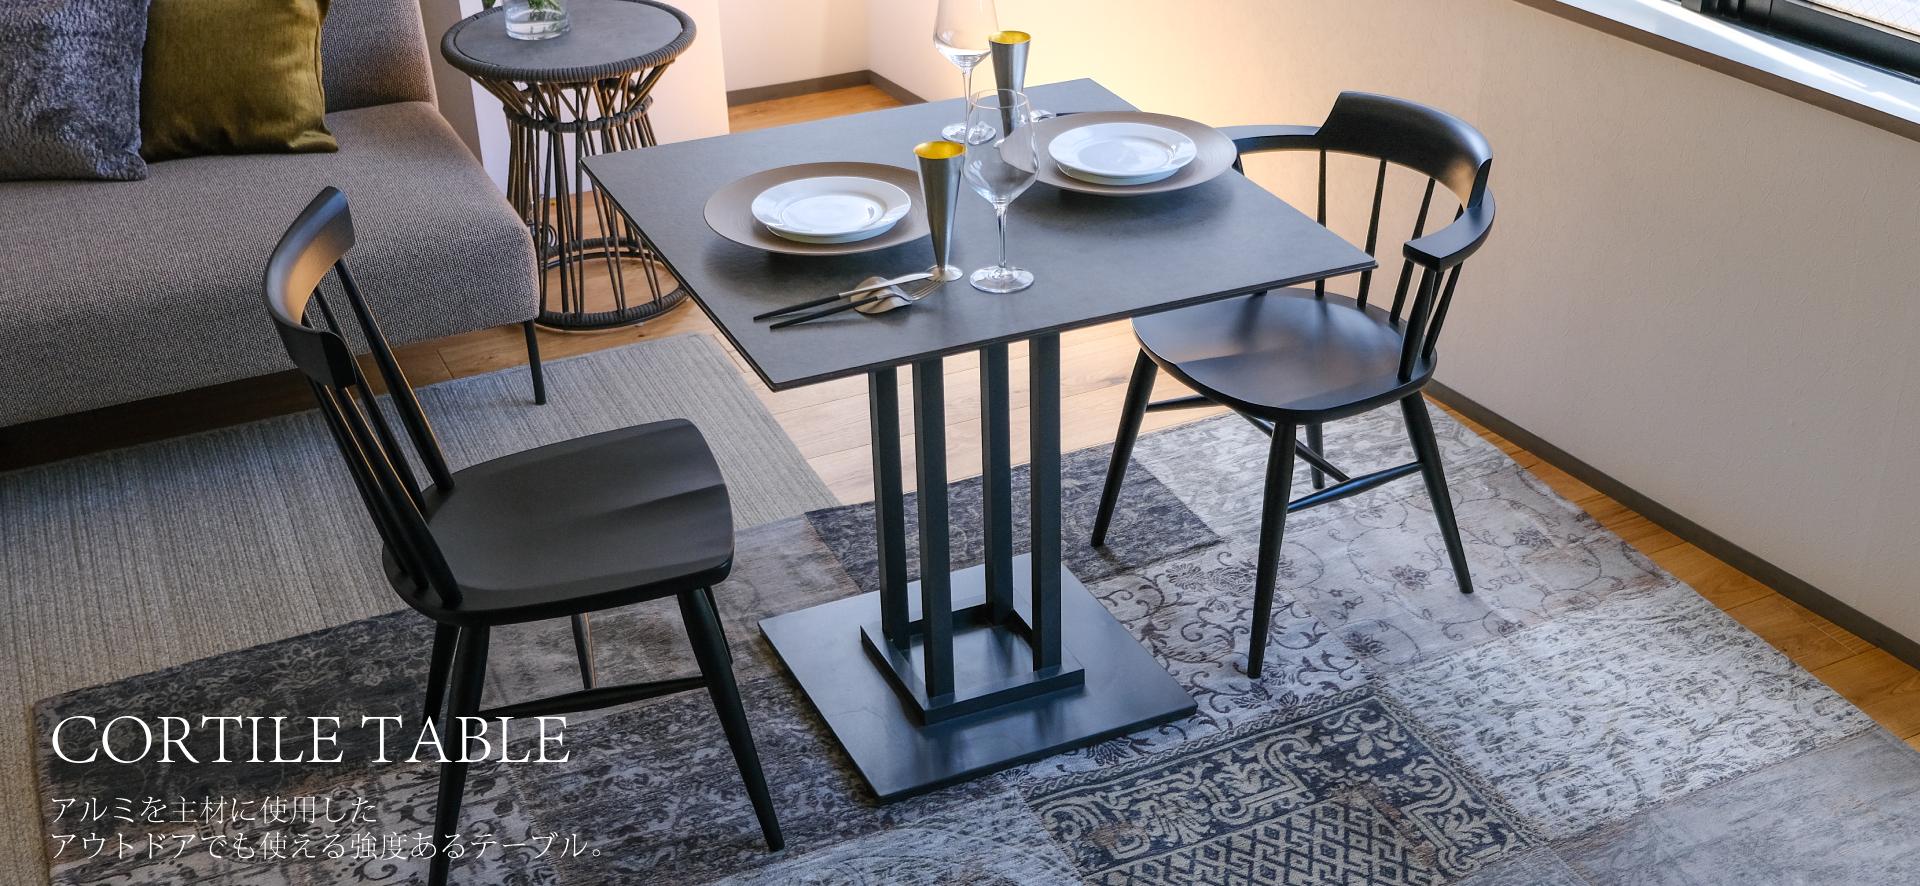 CORTILE TABLE(コルティーレテーブル)アルミを主材に使用したアウトドアでも使える強度あるテーブル。